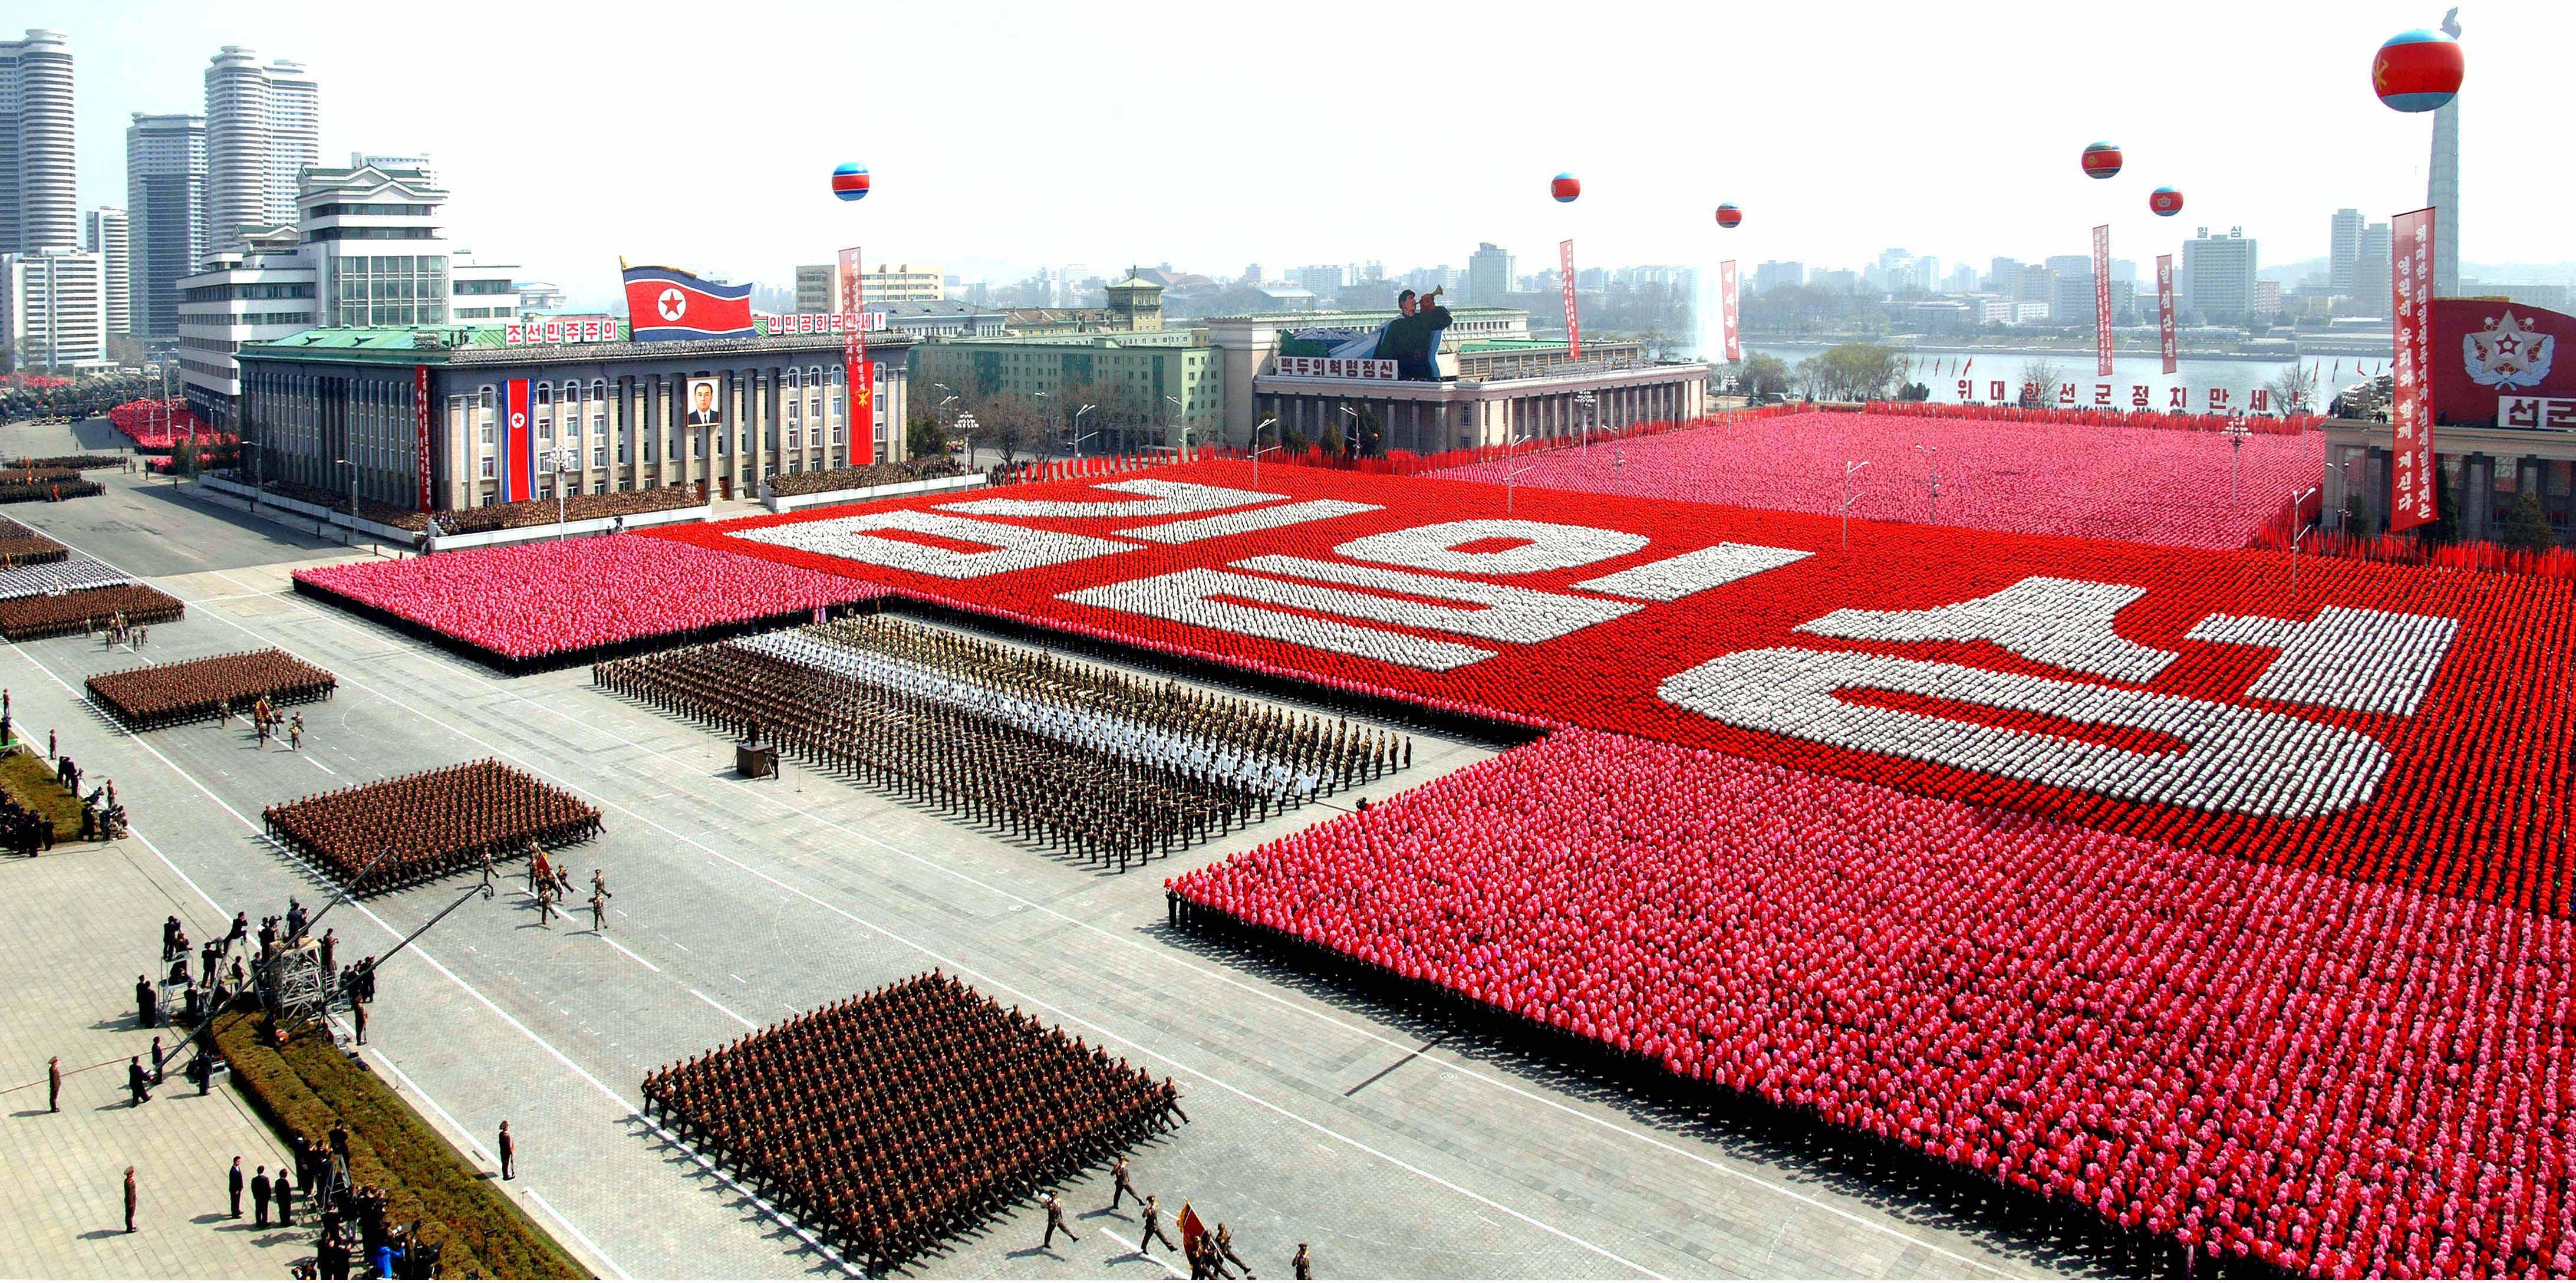 «Служу народу!» – это один из выдвинутых Трудовой партией Кореи лозунгов.